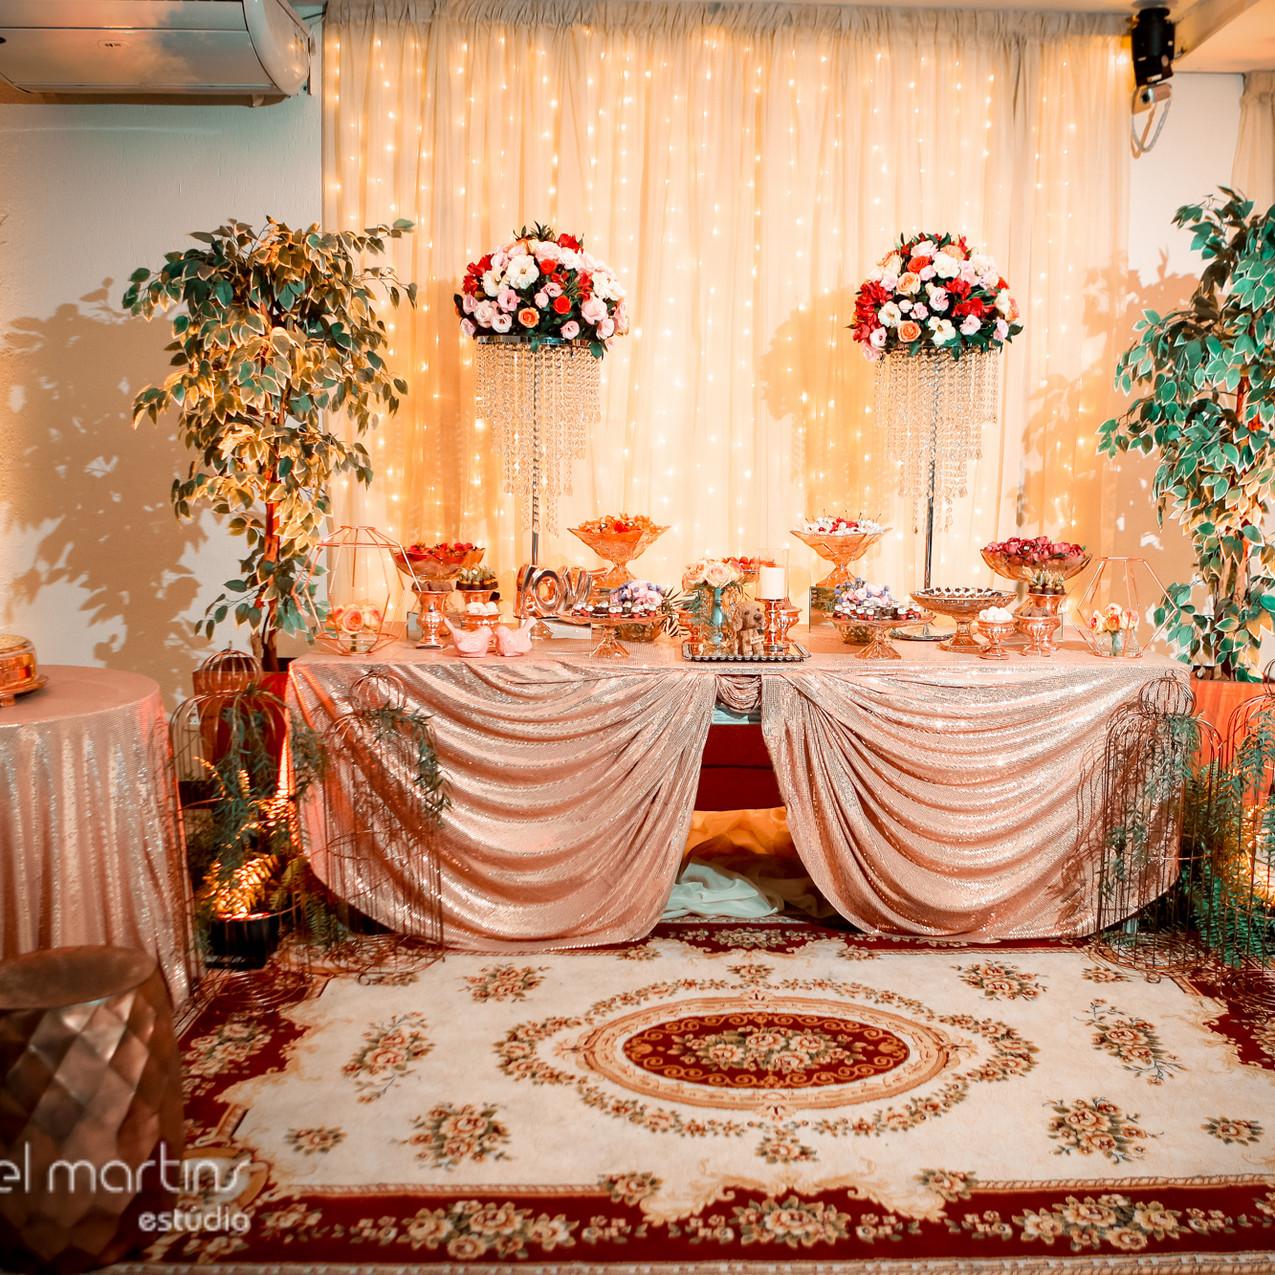 BeR-0693-fotografo-casamento-wedding-gotadagua-rustico-brunaeraul-boho-diy-portoalegre-daniel-martins